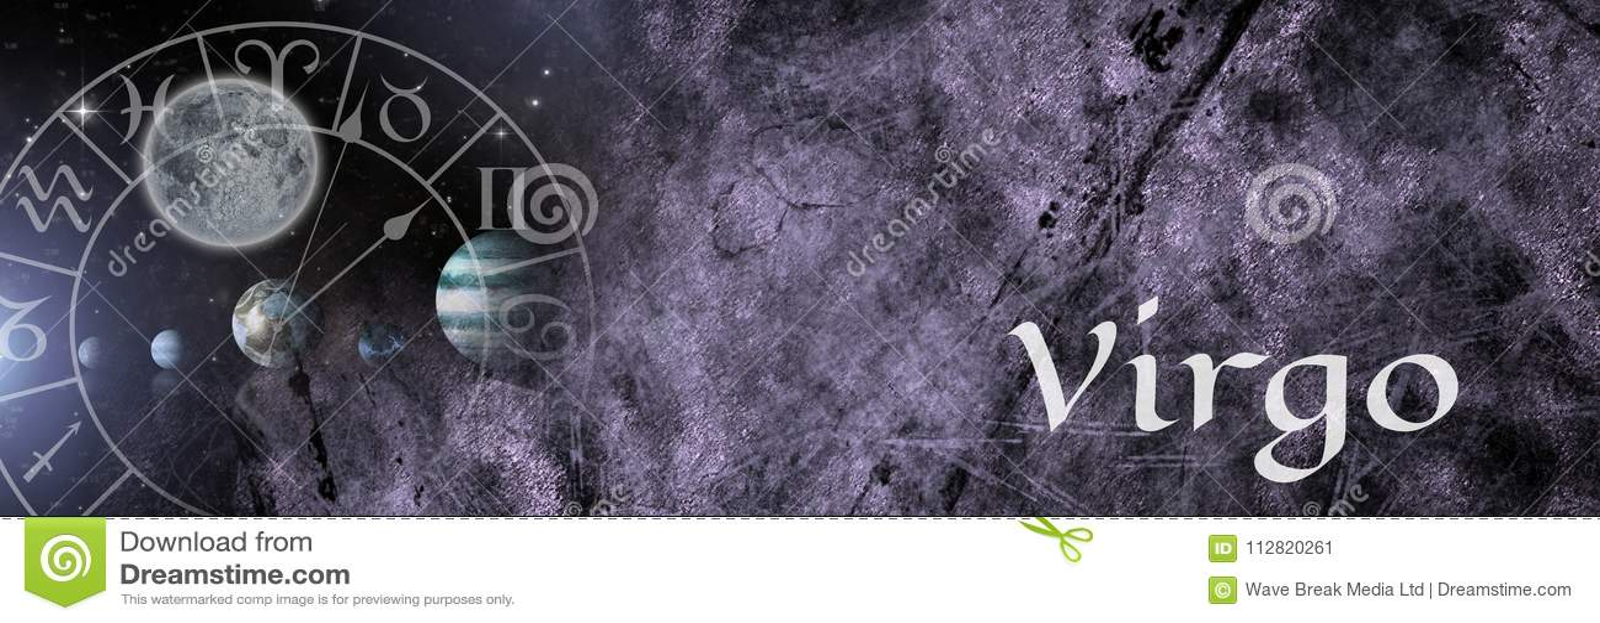 Virgo zodiaka mistyczna astrologia